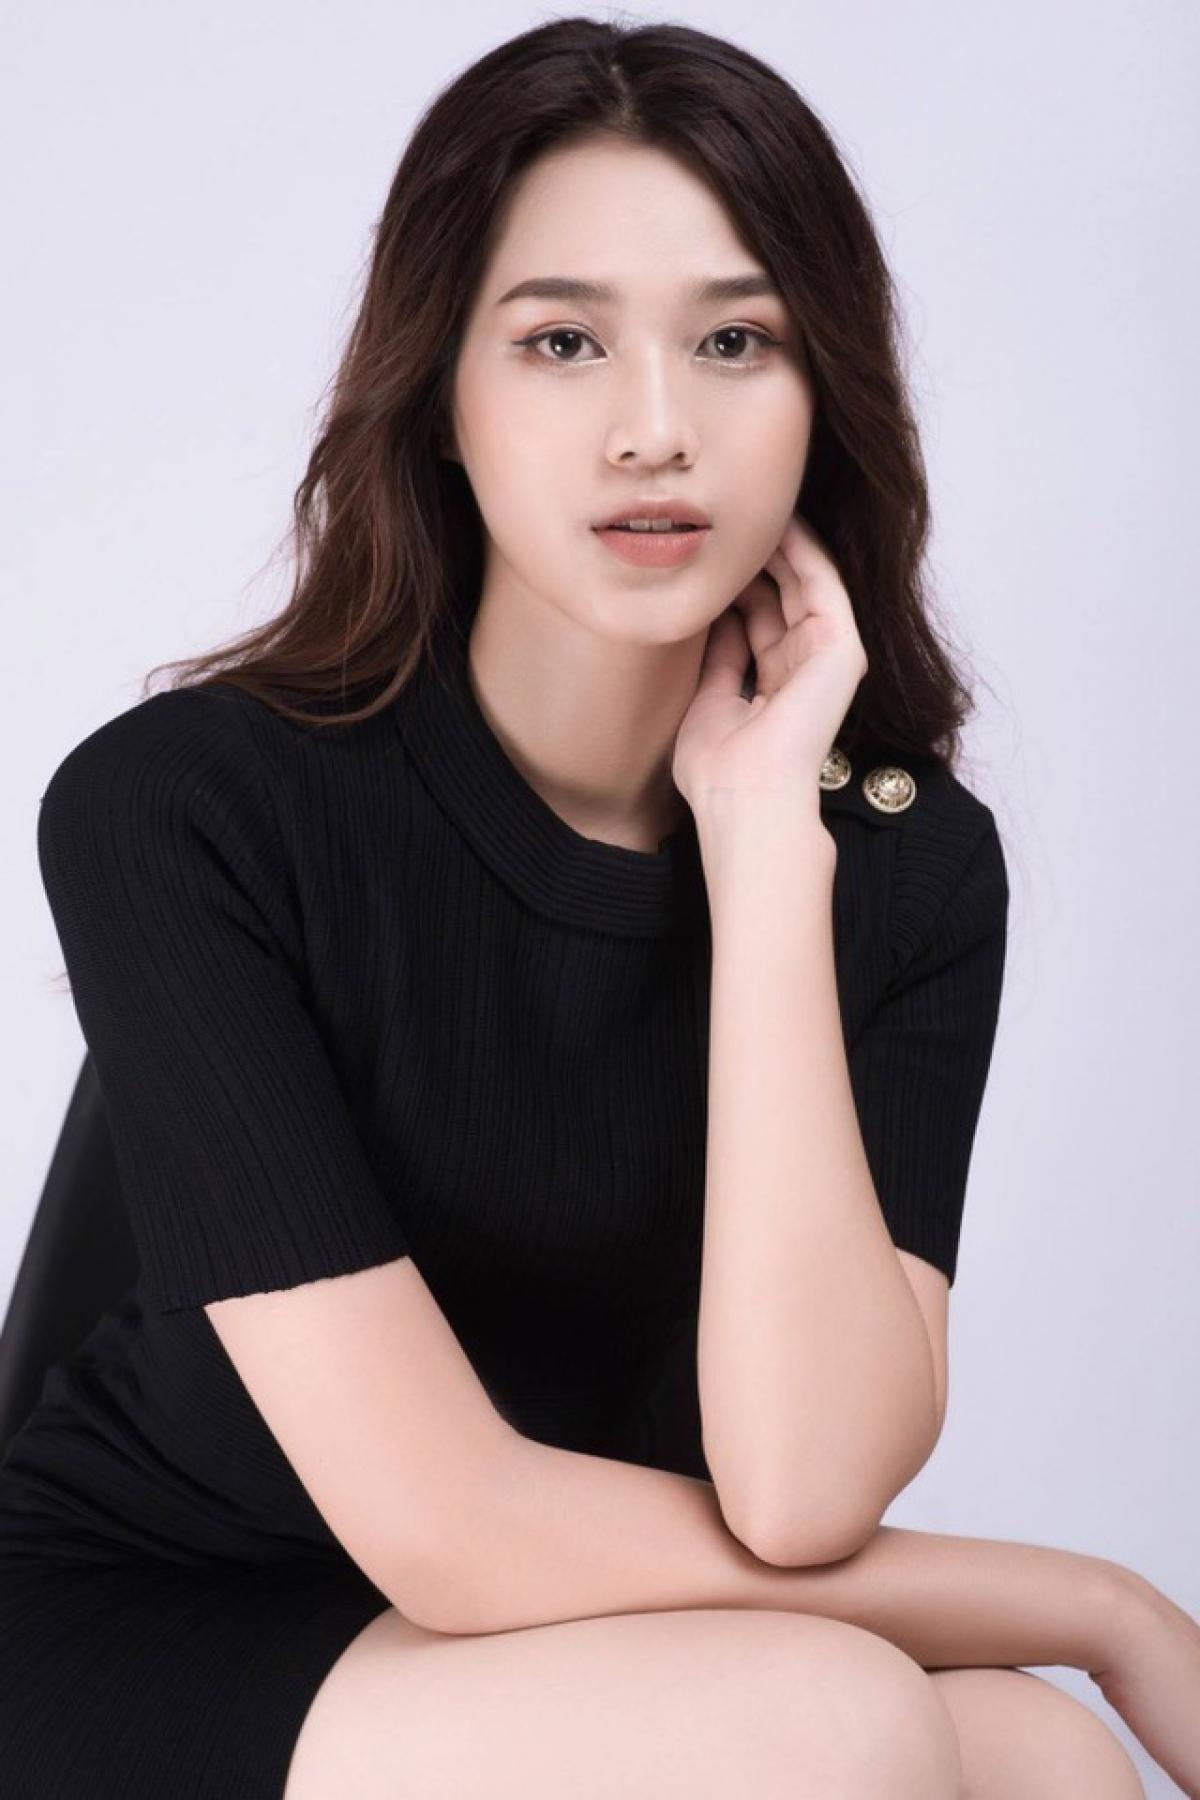 Chung kết Hoa hậu Việt Nam 2020 diễn ra tại TPHCM tối 20/11 đã khép lại với chiến thắng thuộc về thí sinh Đỗ Thị Hà, sinh năm 2001, đến từ Thanh Hóa.